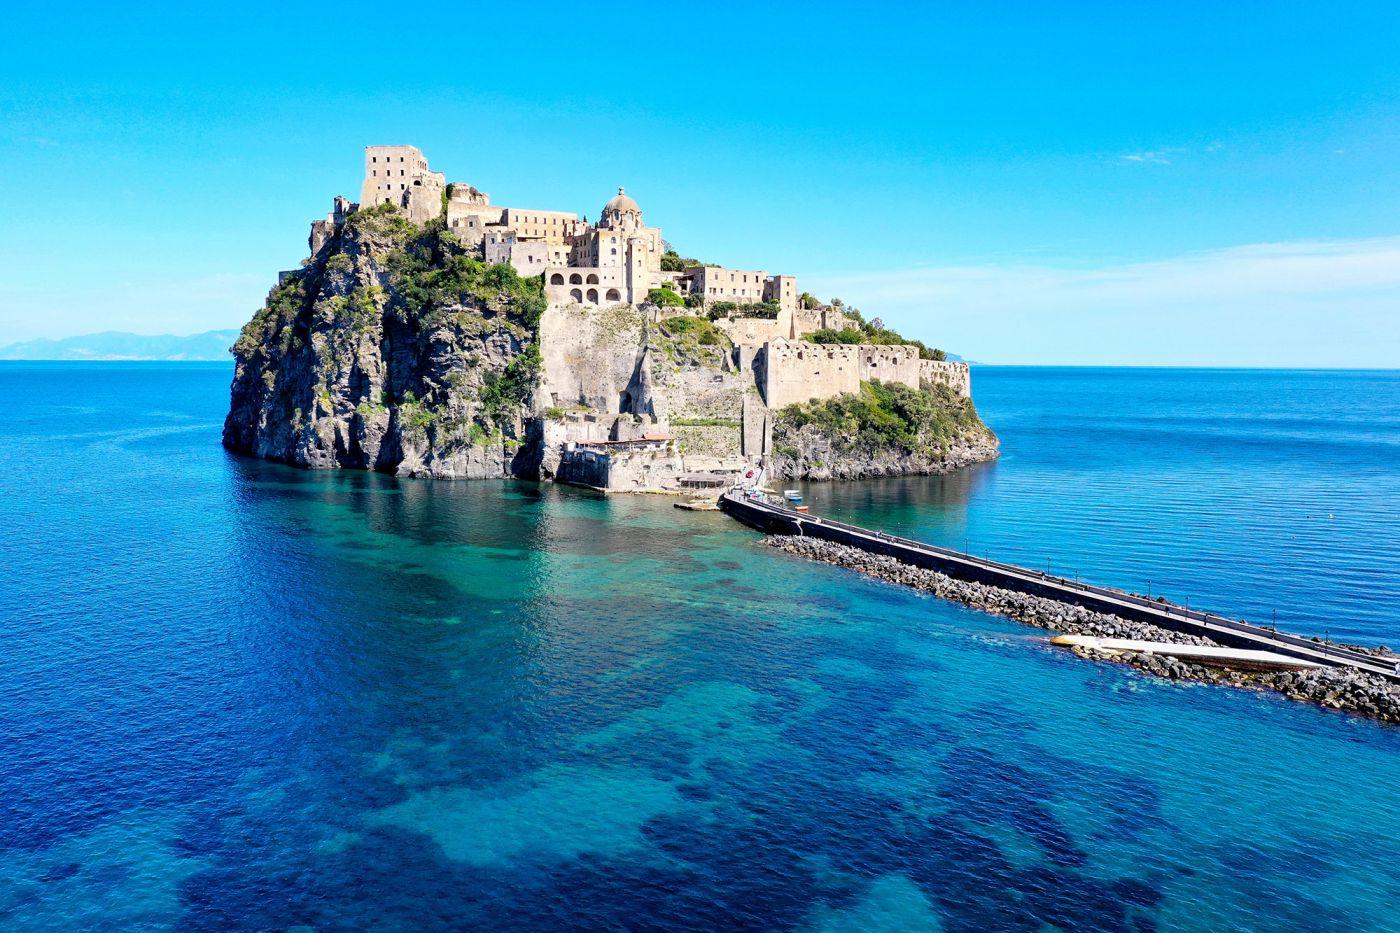 Il Castello Aragonese, uno dei simboli di Ischia